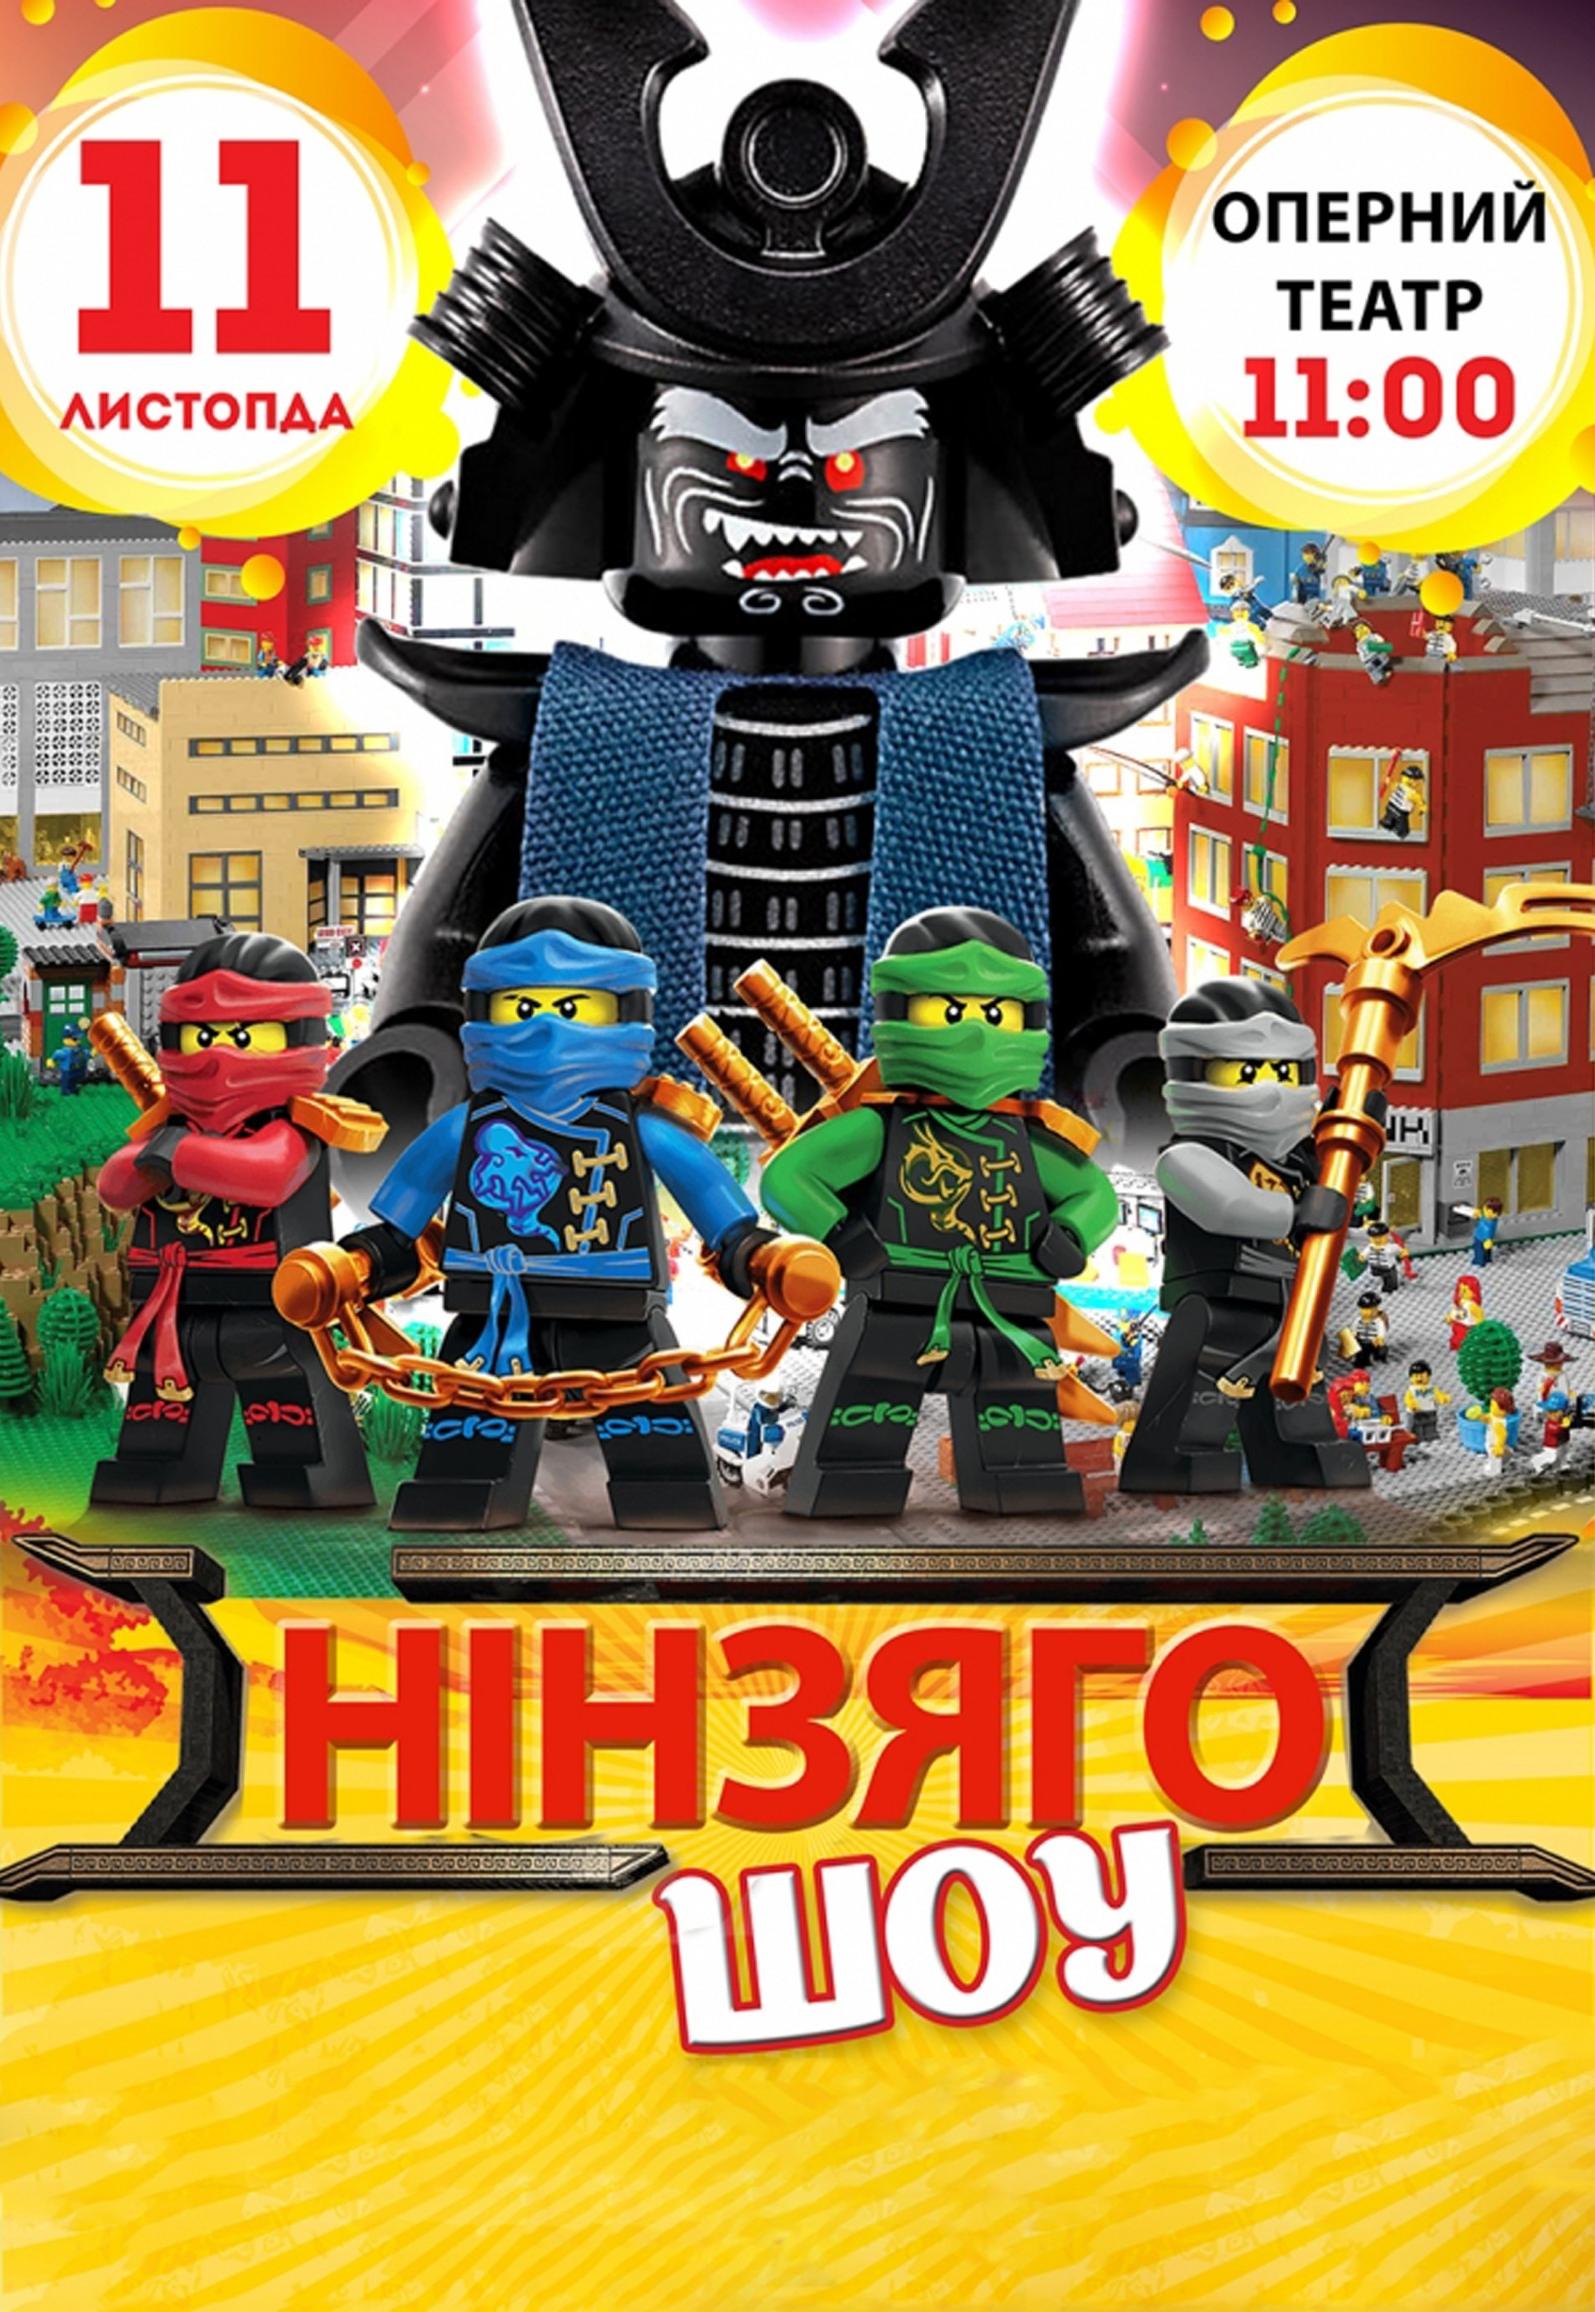 театр танца севастополь афиша